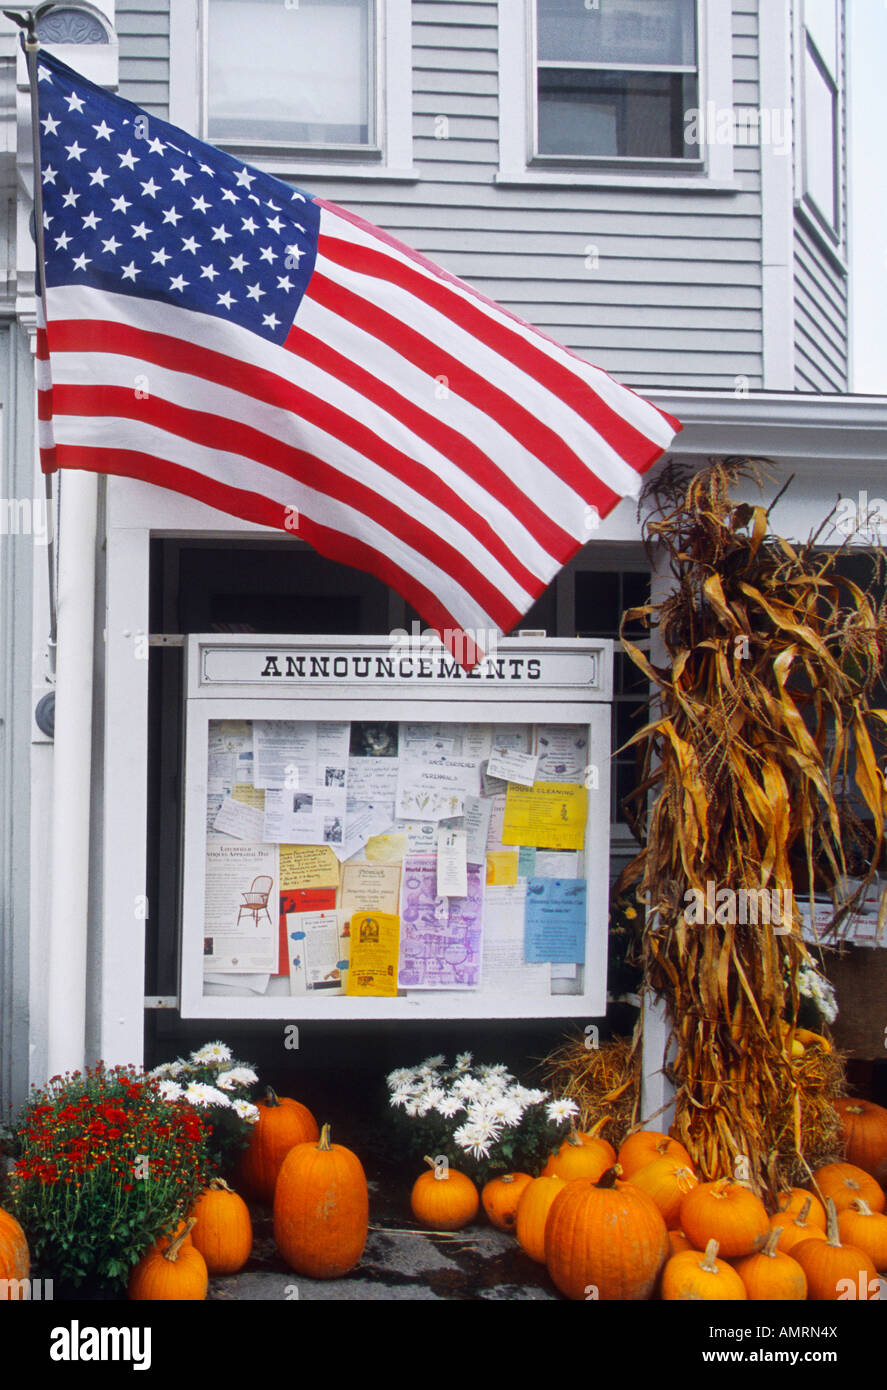 États-unis Connecticut Country Store en Nouvelle Angleterre drapeau américain Sandra Baker Banque D'Images